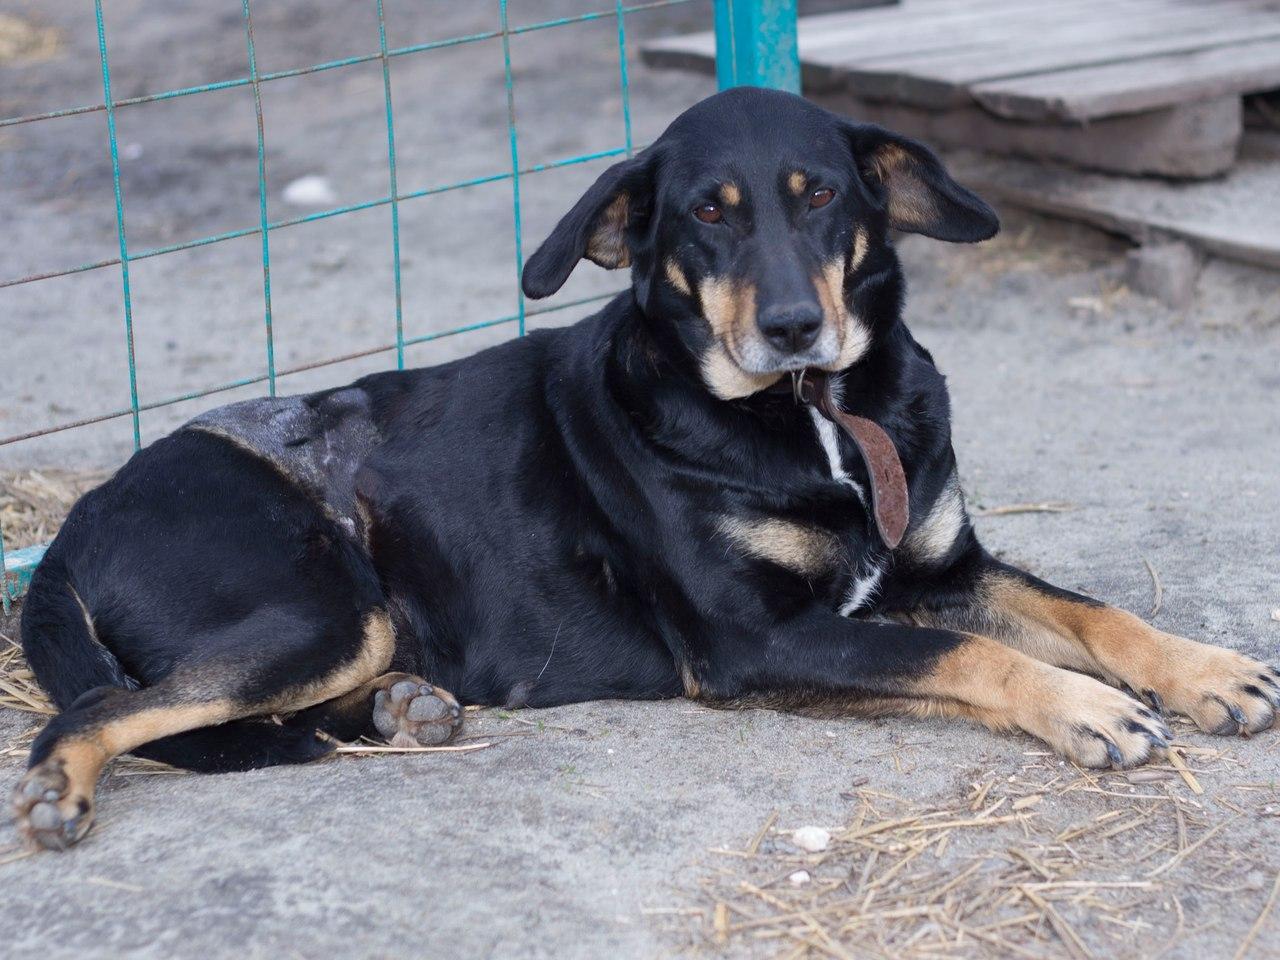 История Землянички - ласковой собаки, которую едва не разрубили пополам! рис 7